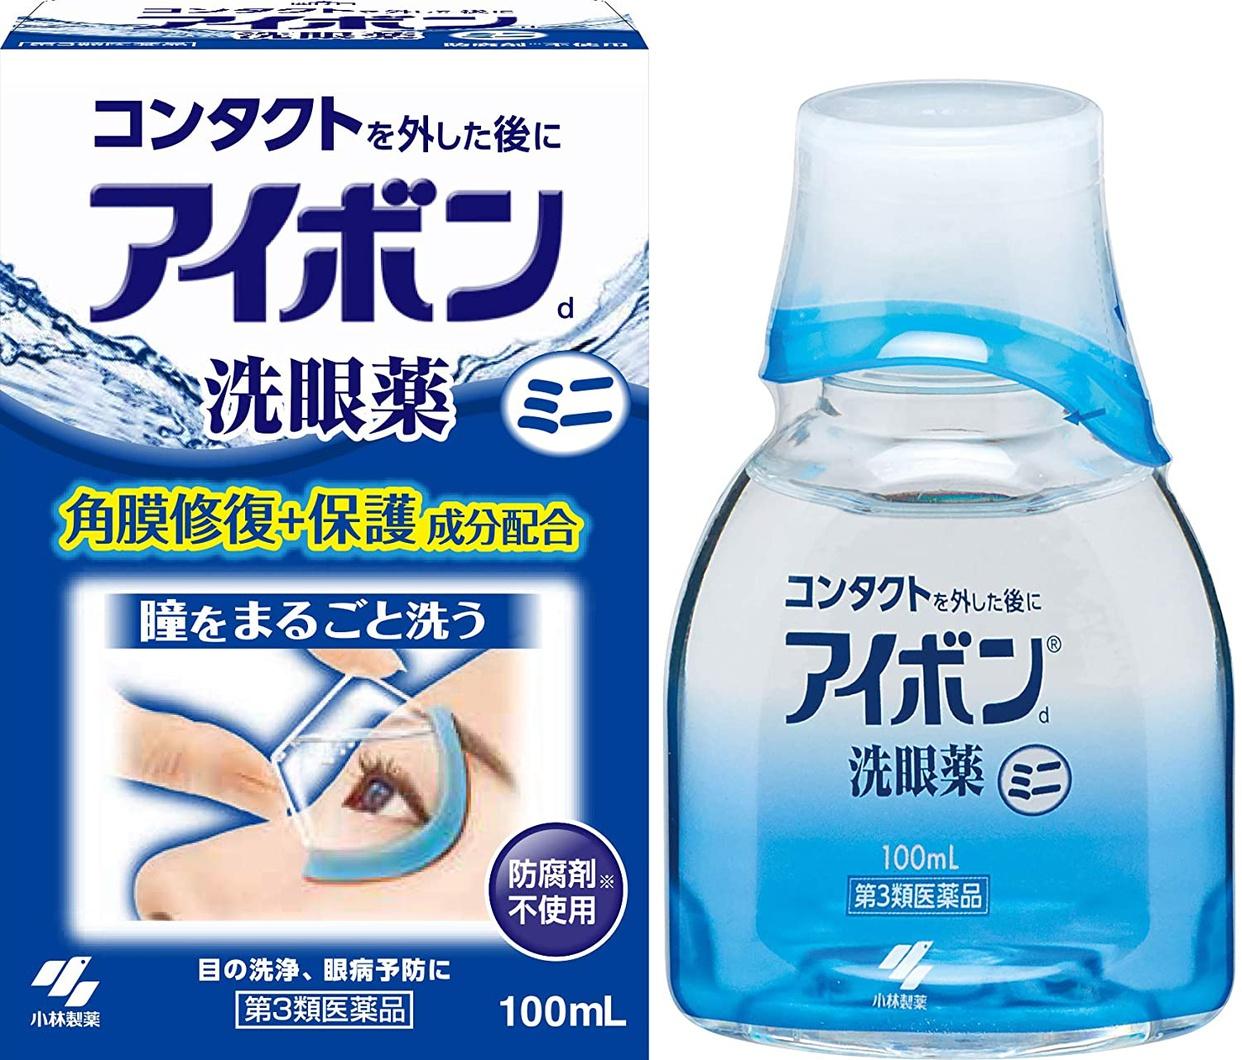 アイボン アイボンd ミニの商品画像